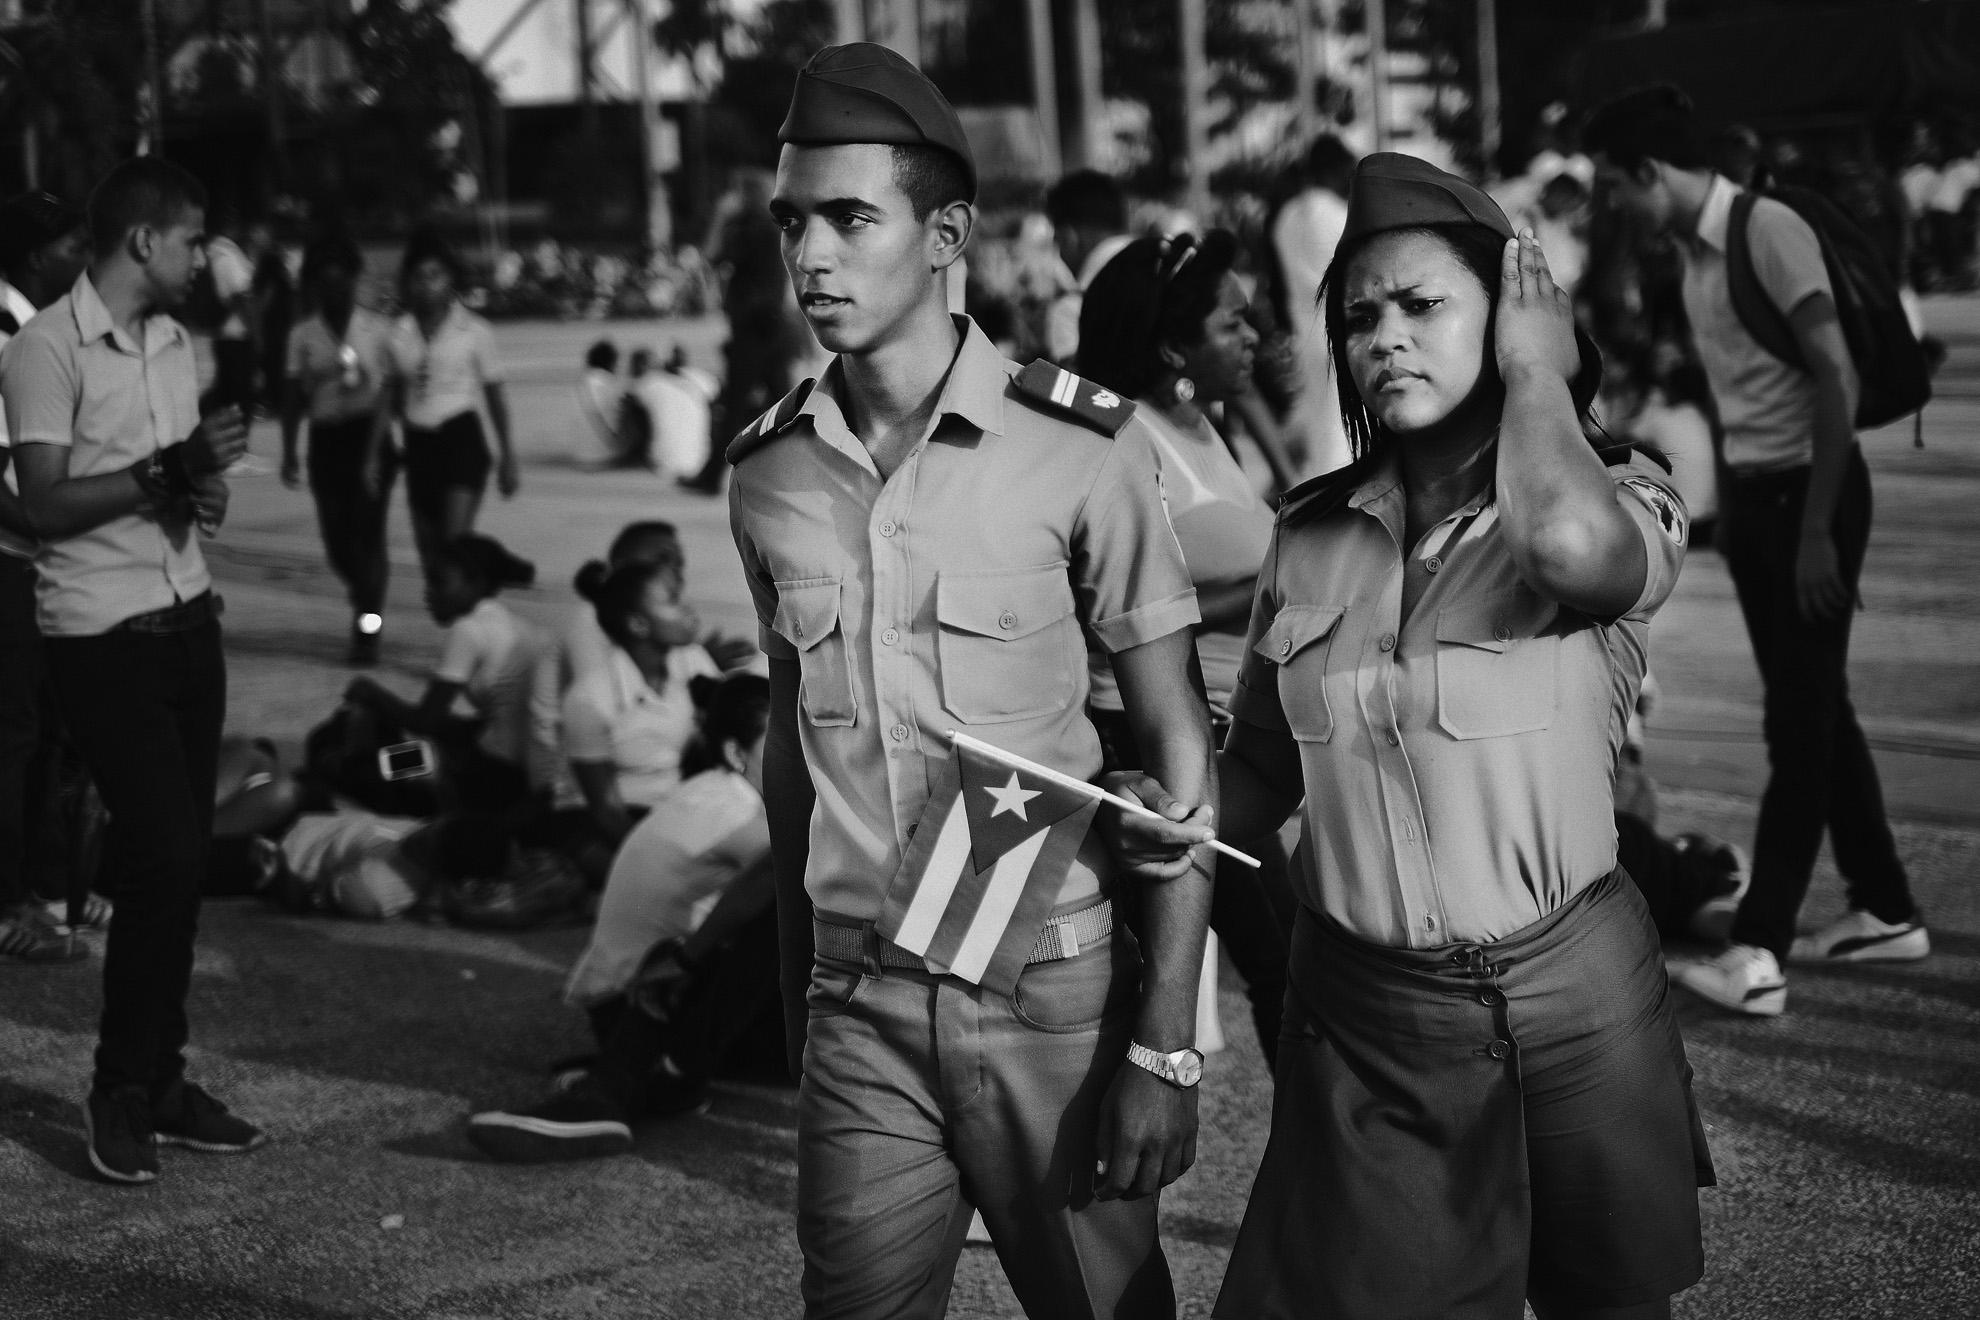 Jeunes militaires venus assister a la ceremonie officielle place de la revolution a Santiago de Cuba donnee a l occasion de la disparition de Fidel Castro survenue le 25 novembre 2016 3 decembre 2016